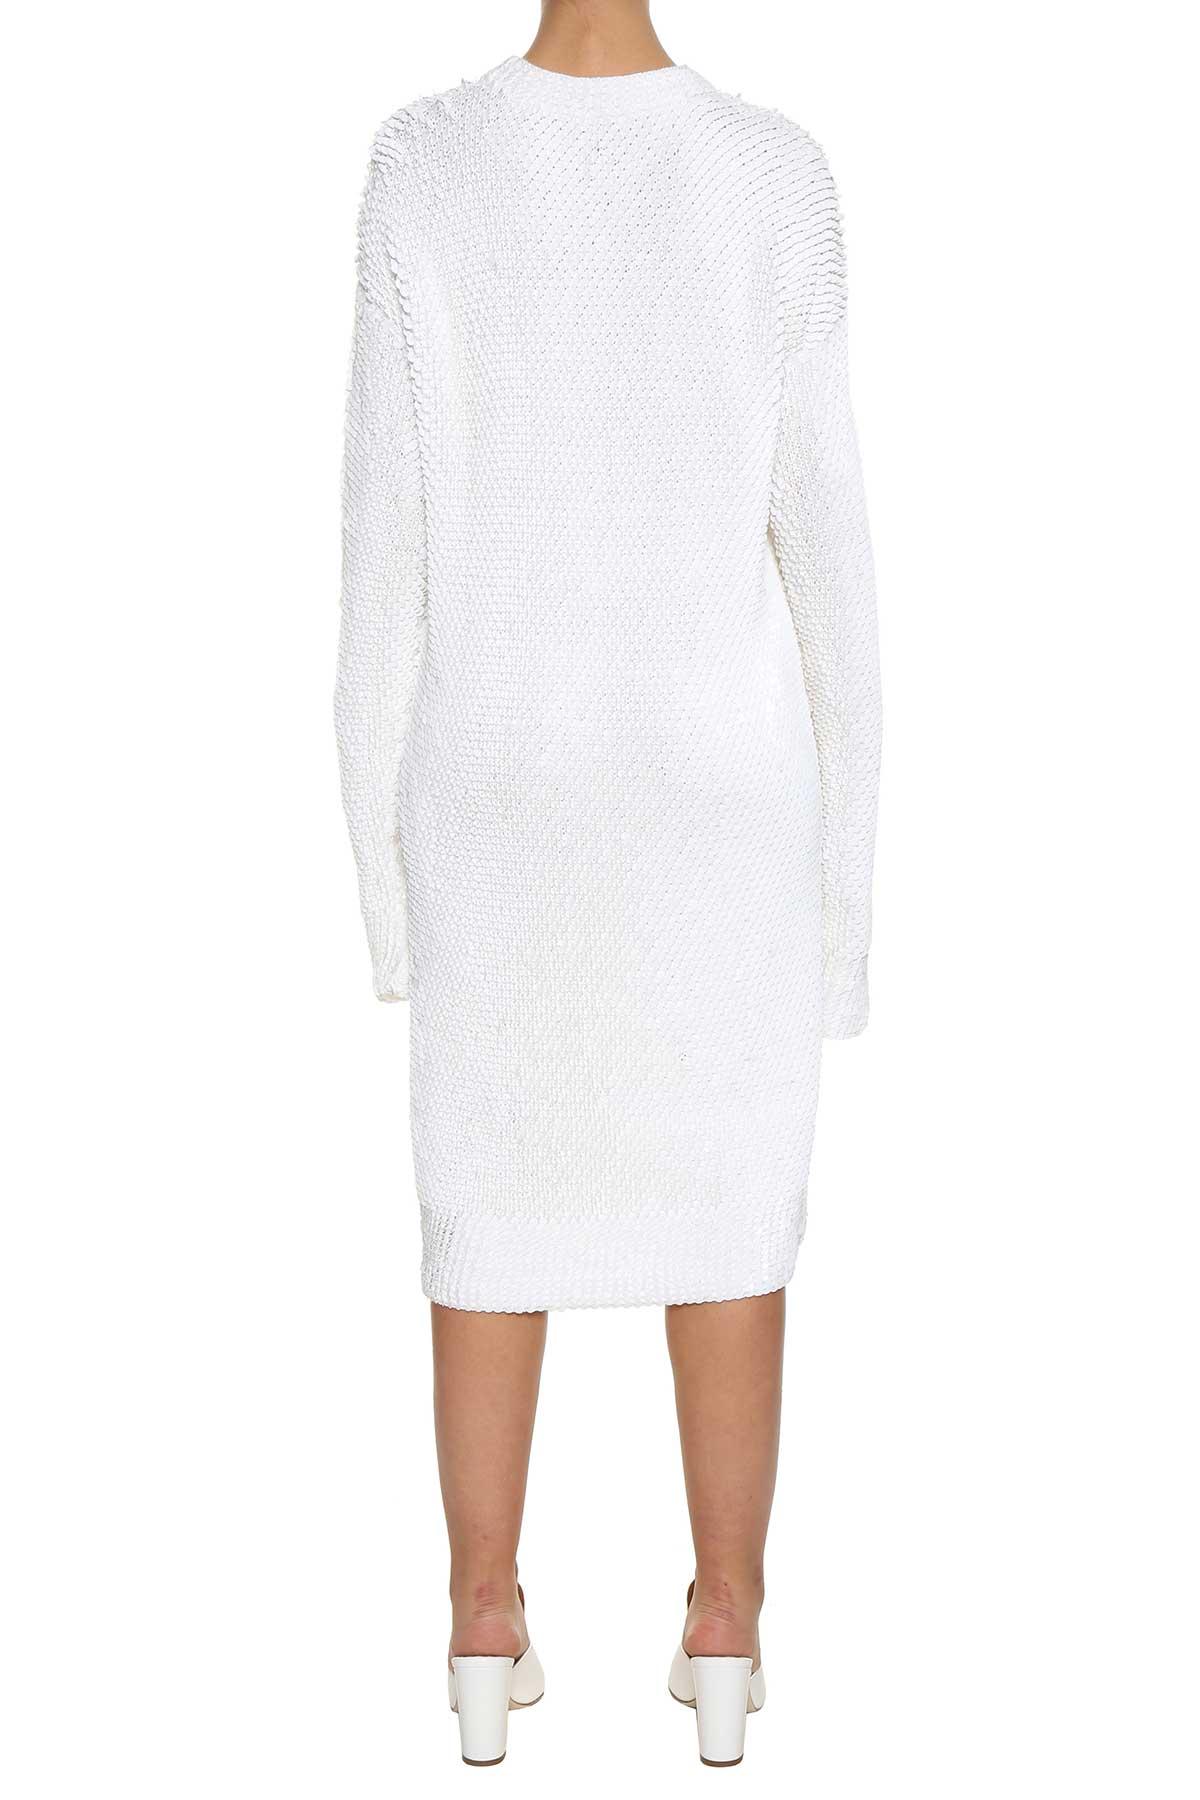 Hyper Online Discount Websites Allover sequins knit dress Krizia Comfortable Cheap Online ztUGmcKp